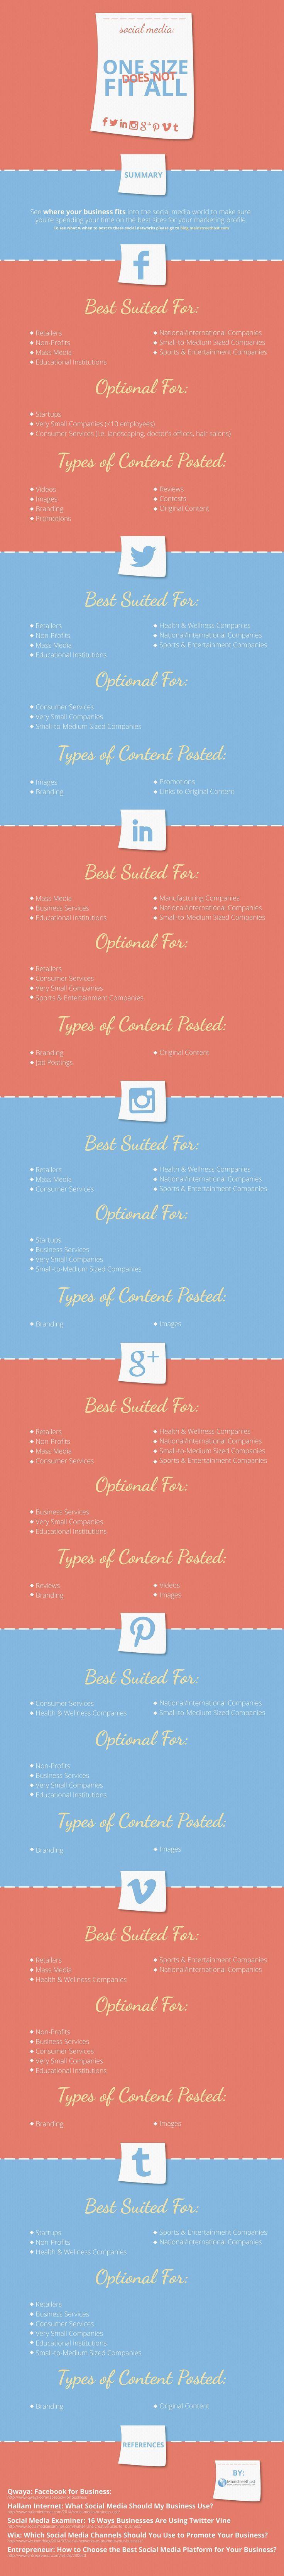 Para 8 medios sociales: propósitos que impulsan, a quién ayudan y contenidos recomendados #infografia